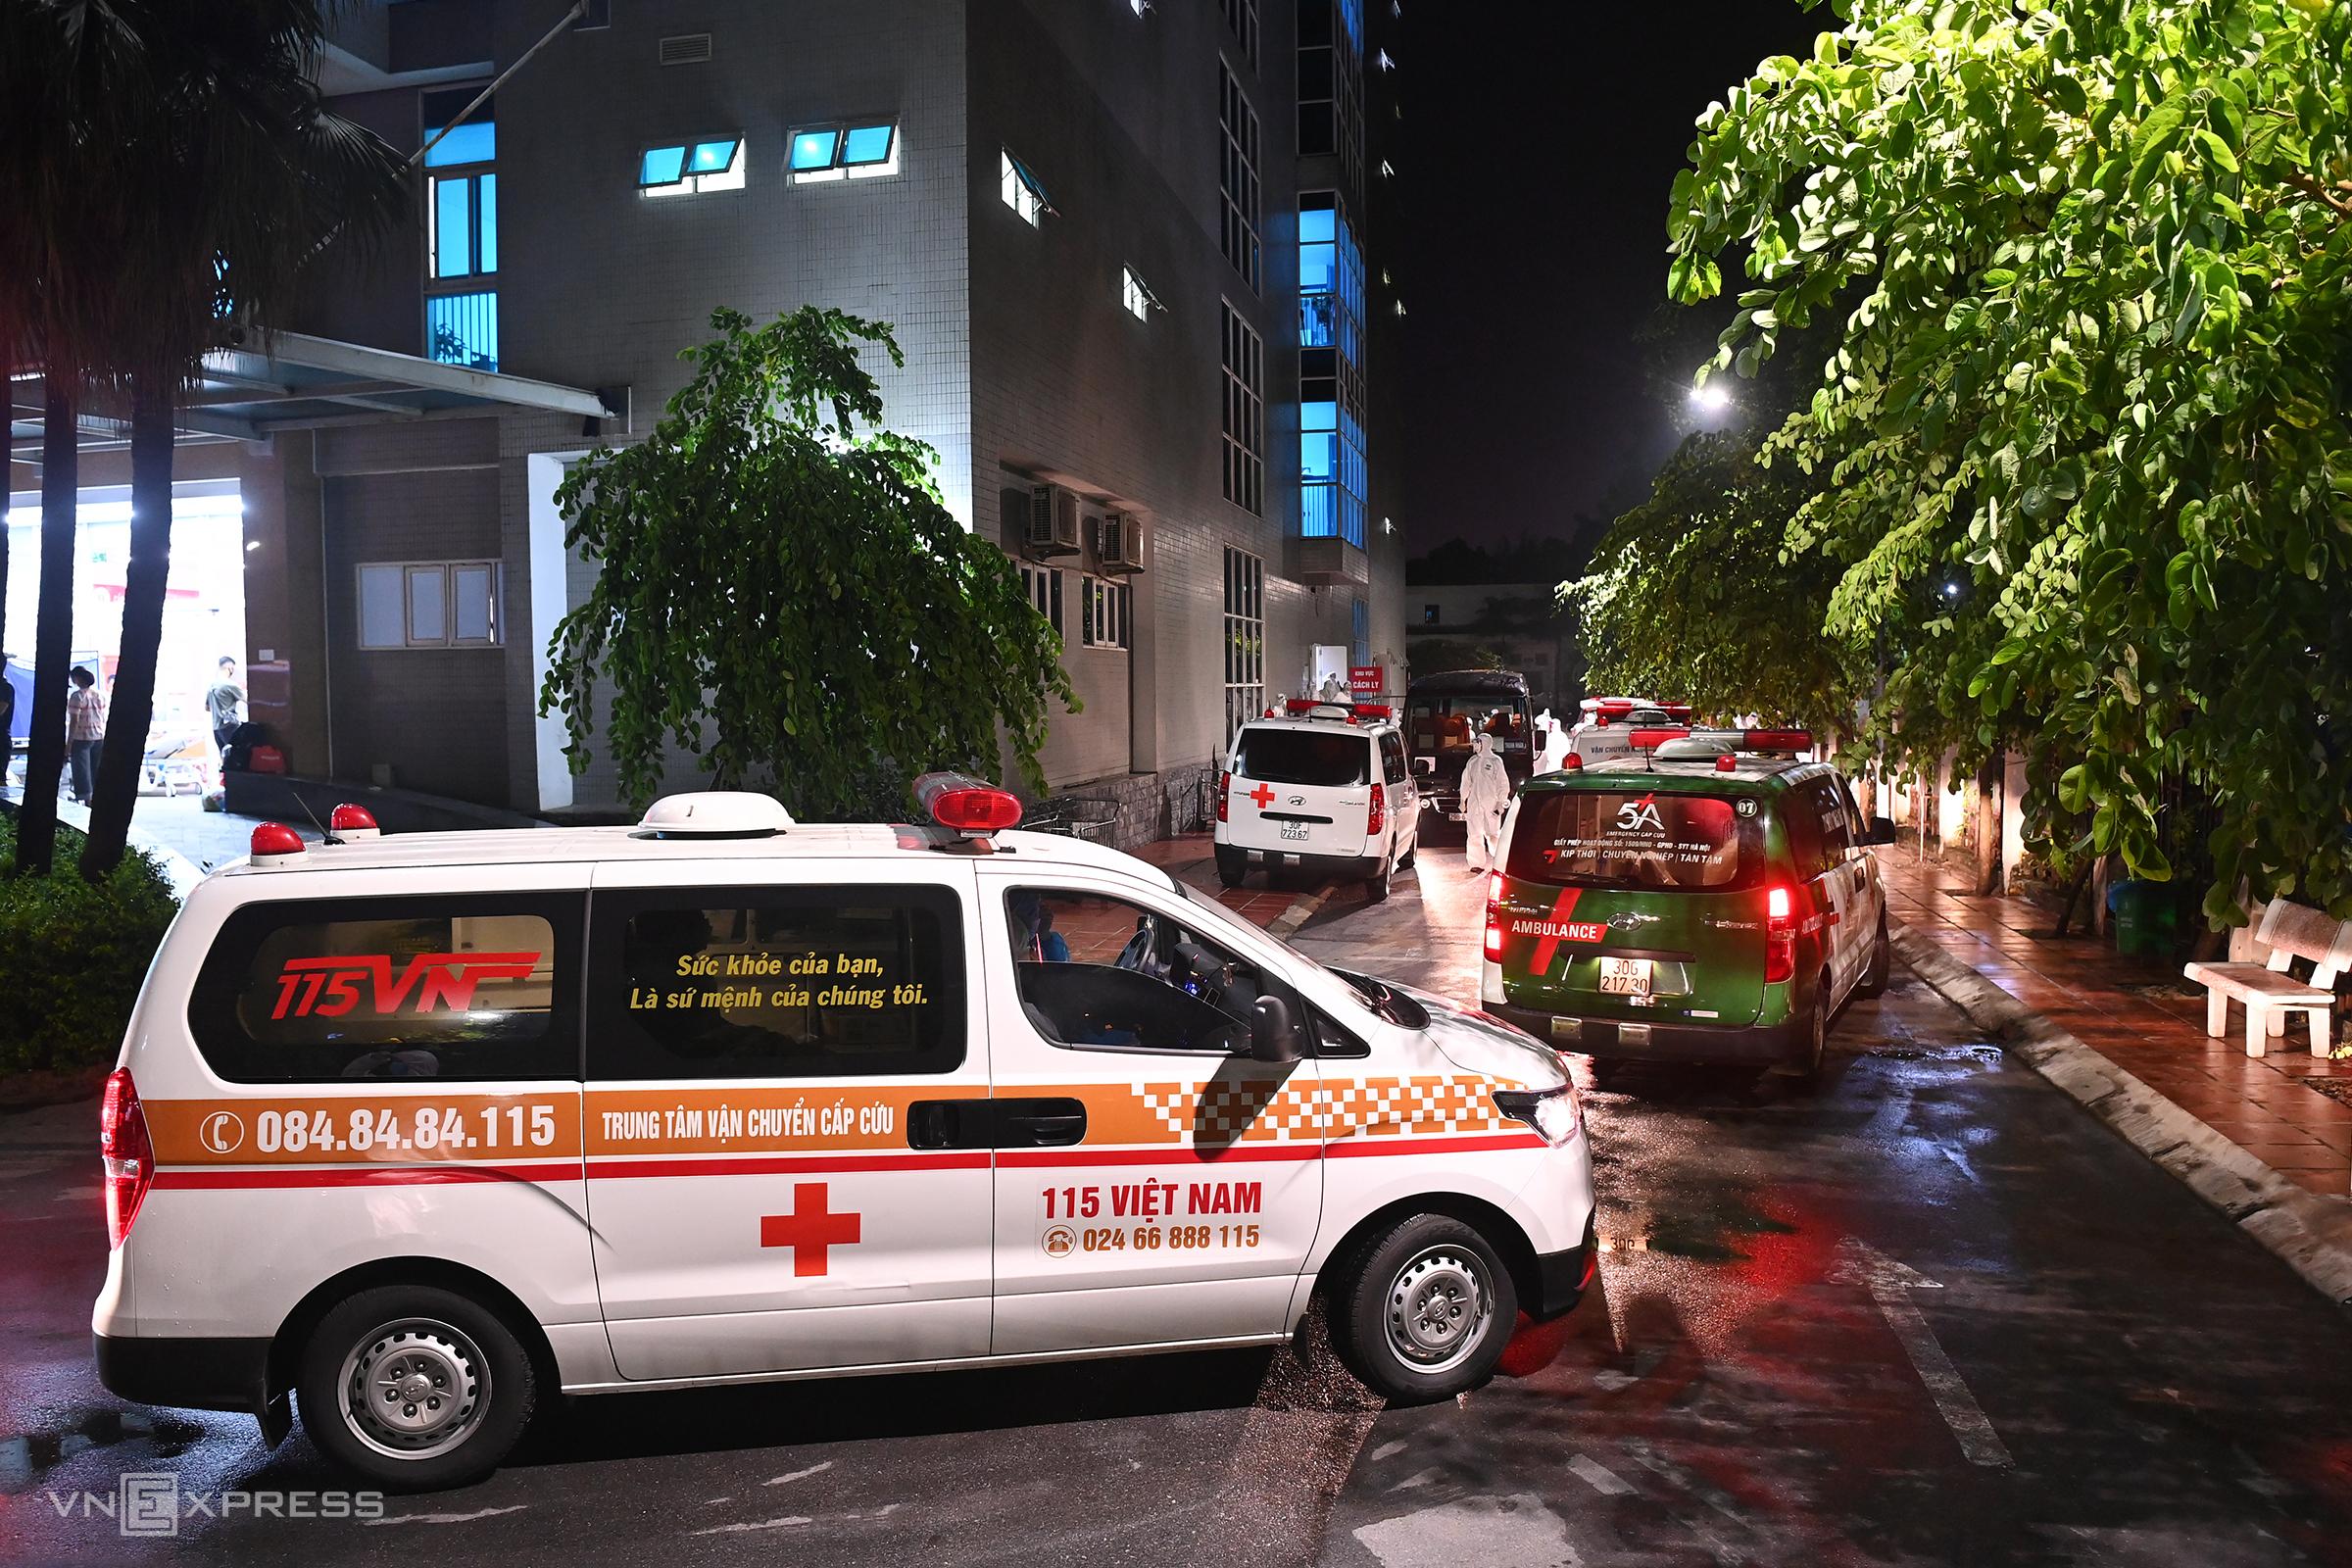 Xe cấp cứu chở người bệnh và người nhà từ viện Việt Đức tới Thanh Nhàn cách ly tối 5/10. Ảnh: Giang Huy.